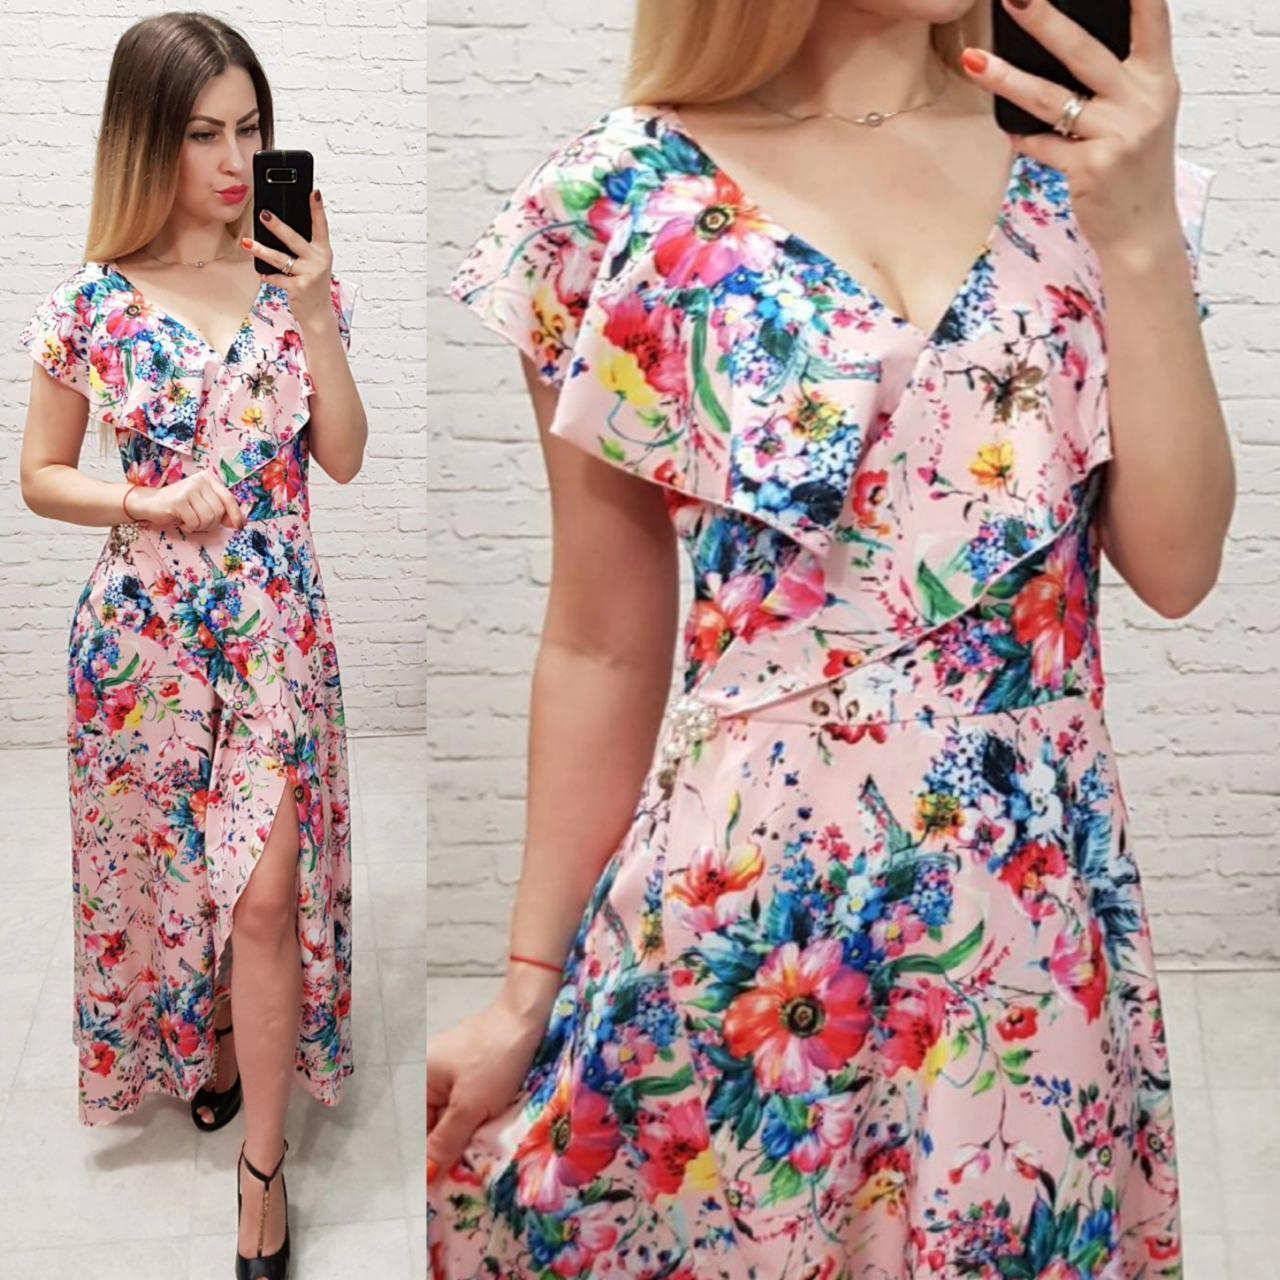 Новинка!!! Женственное платье на запах с брошью, длина макси, принт маки на пудровом